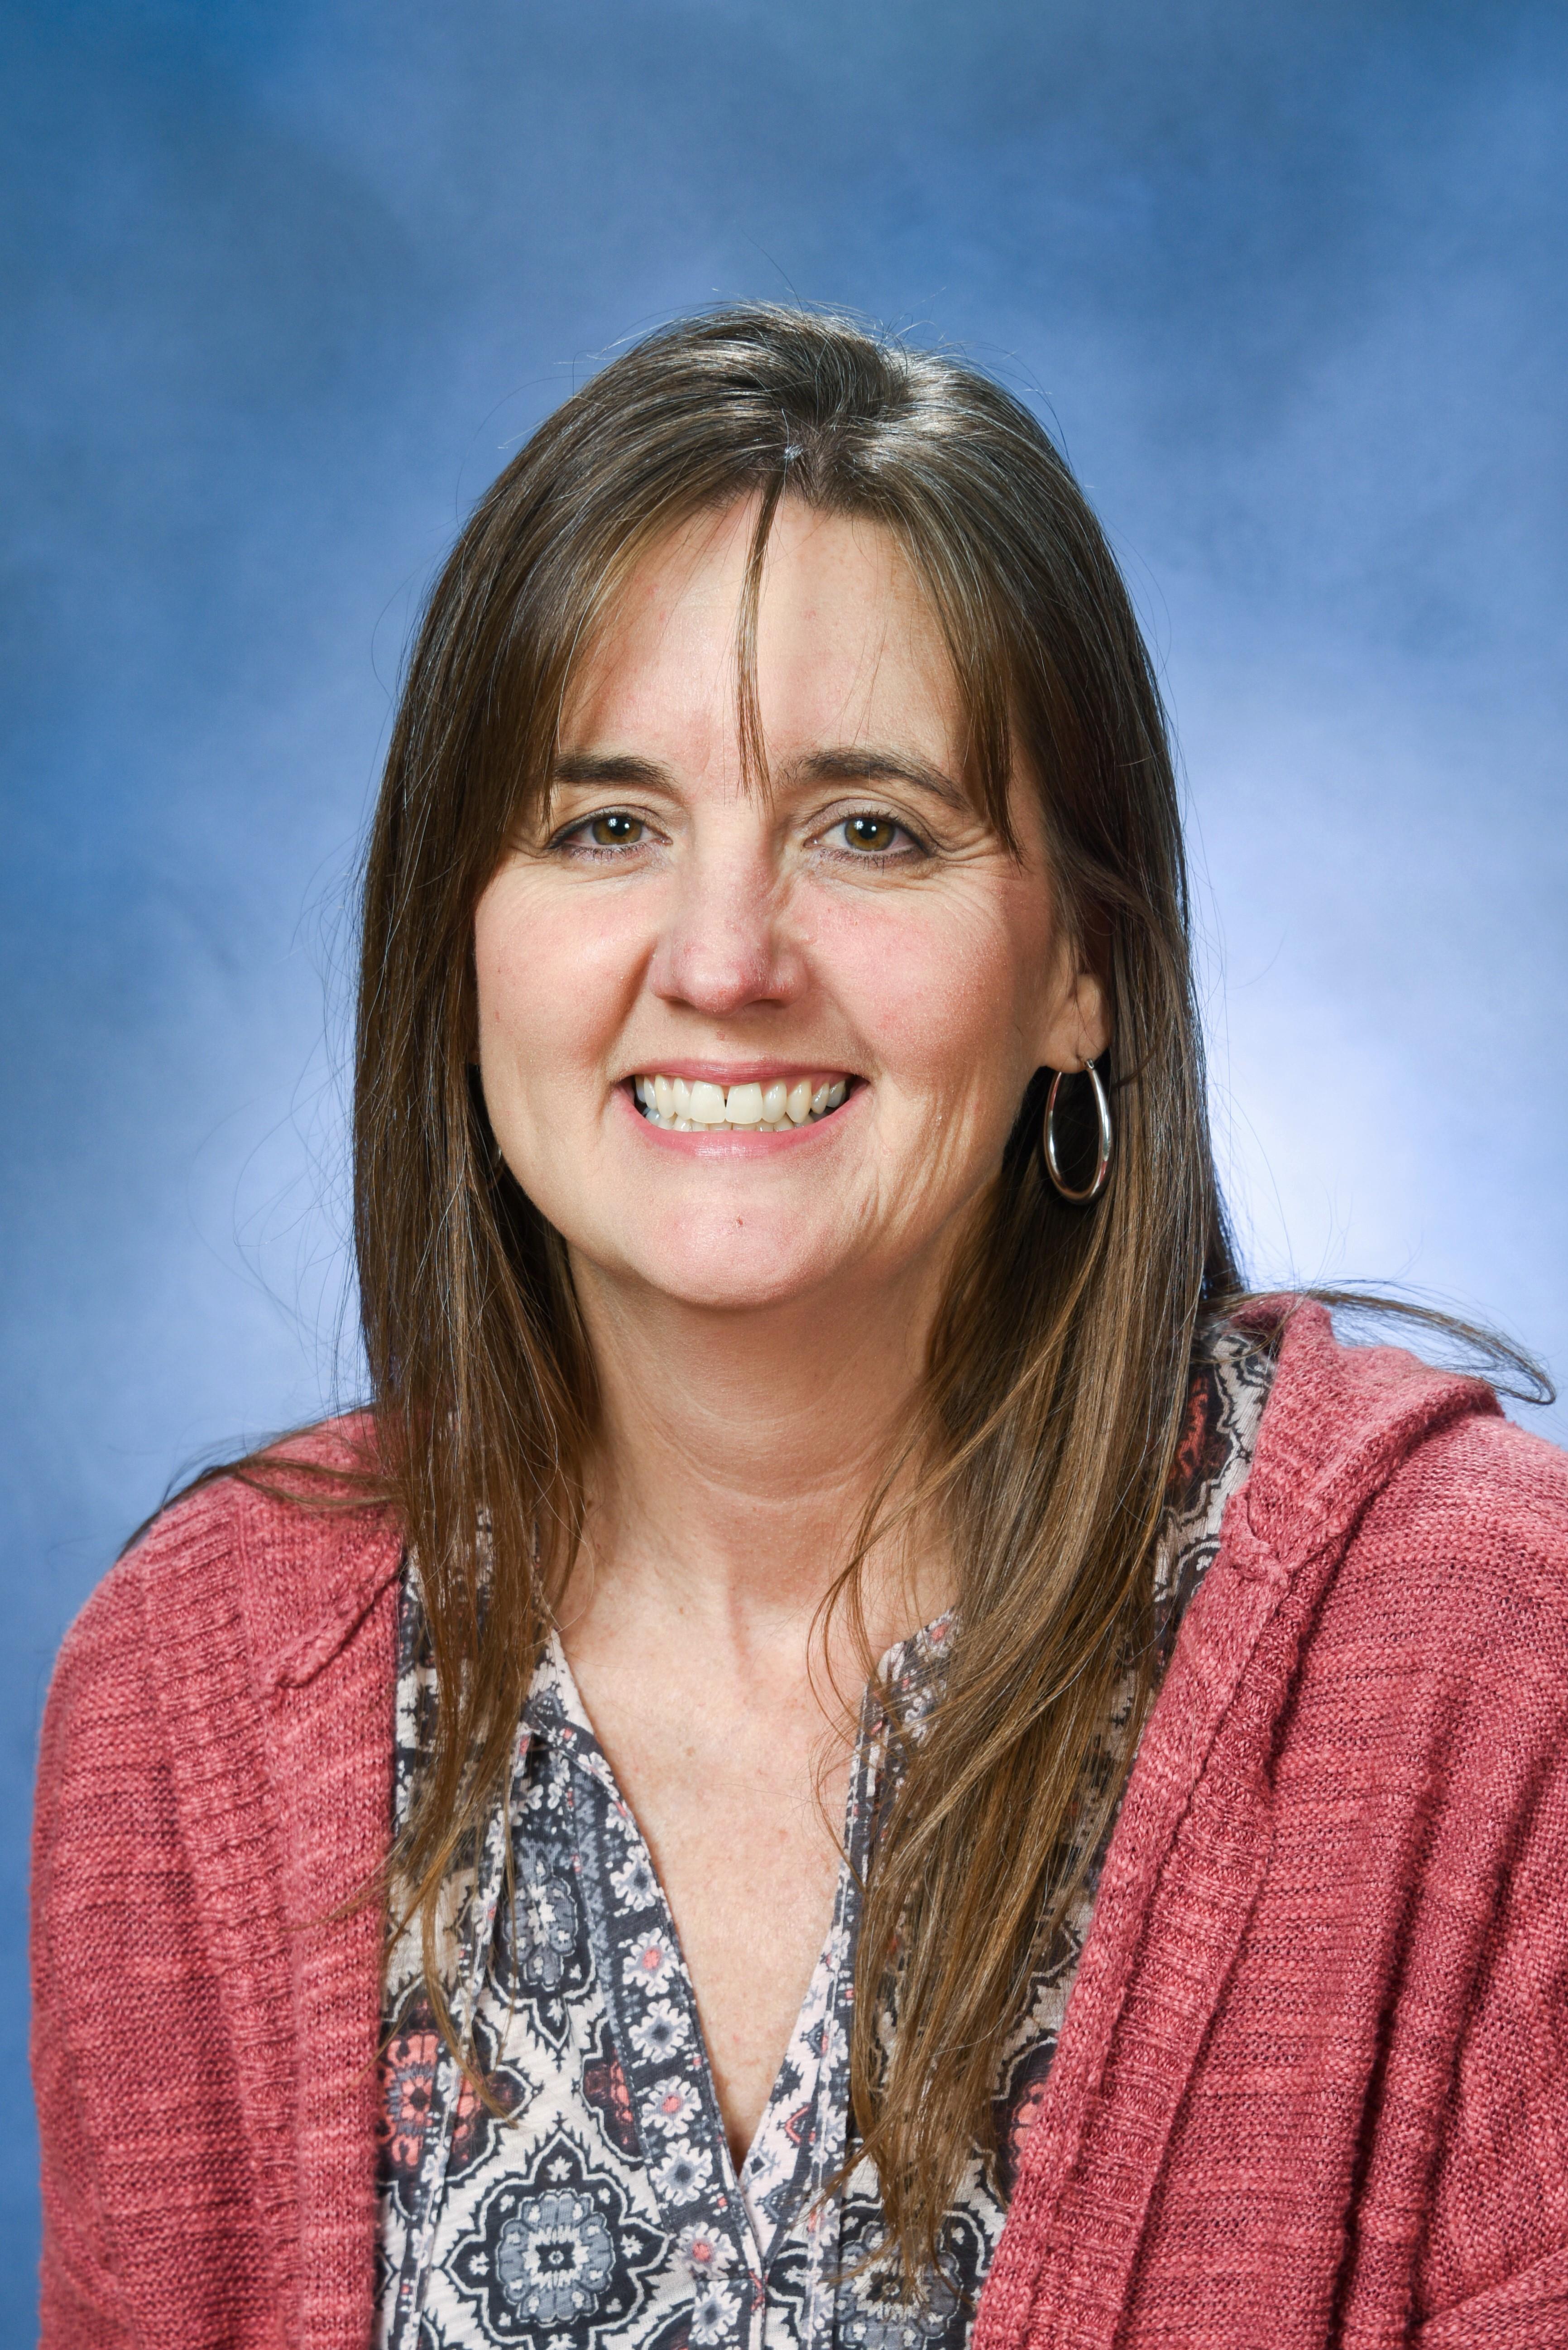 Regina Averett